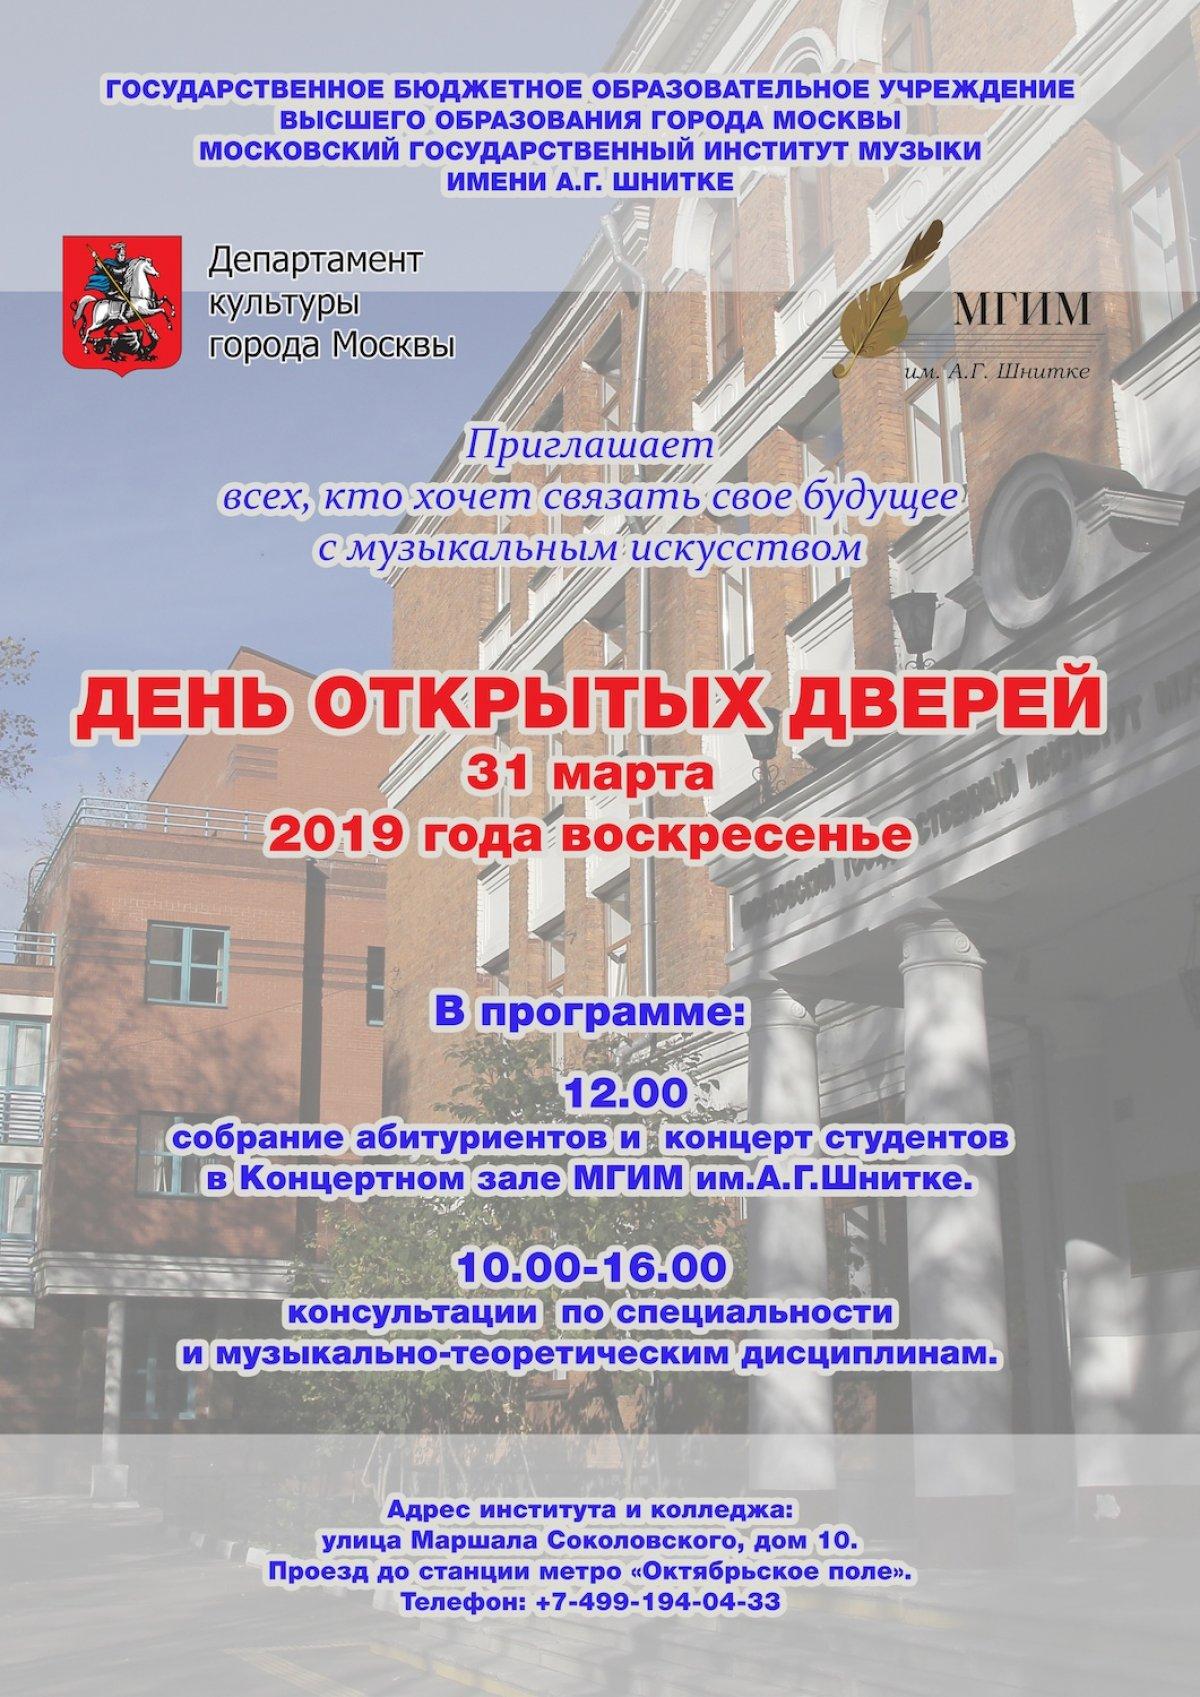 Московский государственный институт музыки имени А.Г. Шнитке приглашает 31 марта 2019 года всех, кто хочет связать свое будущее с музыкальным искусством на День открытых дверей